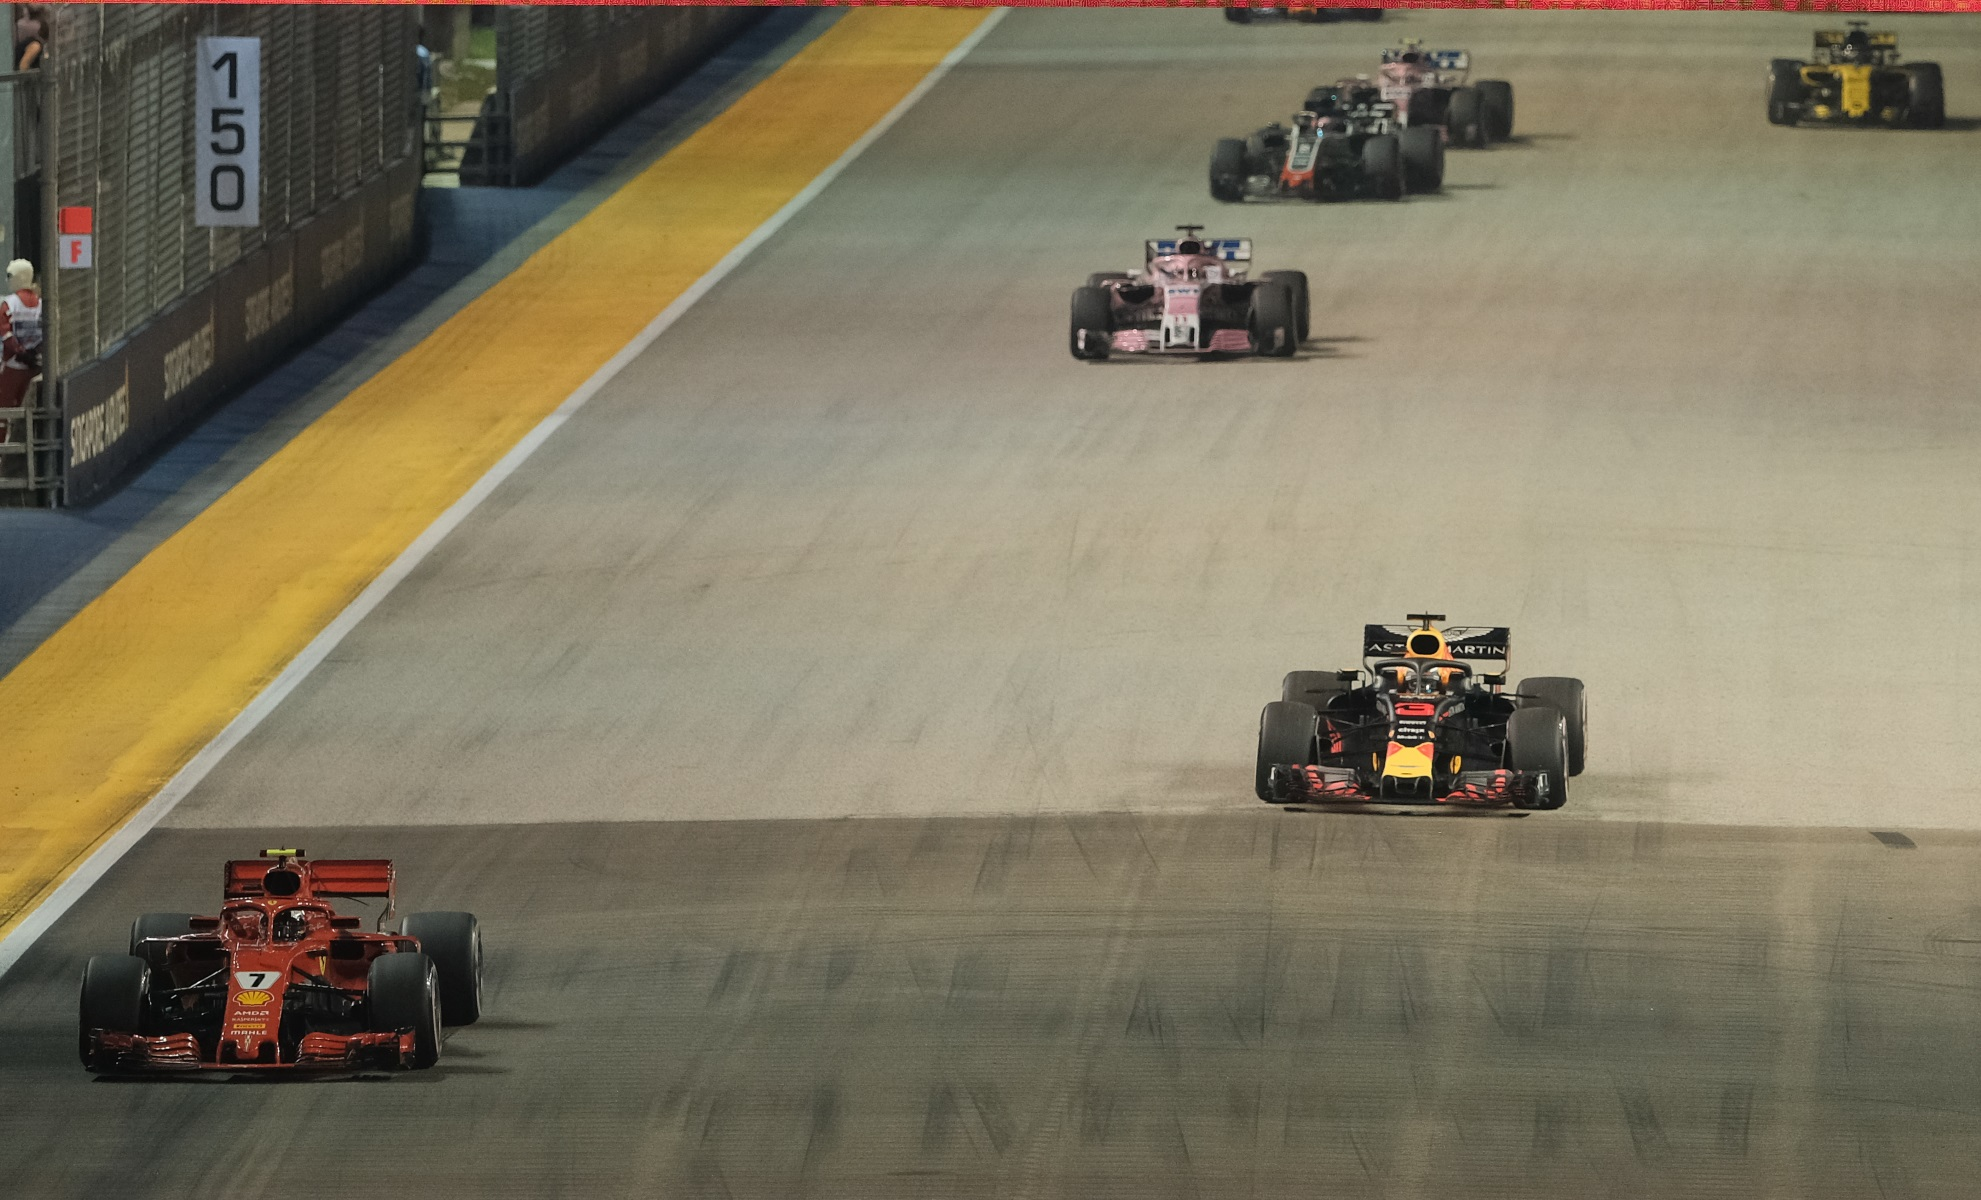 Οριστικό: Η Formula 1 ξεκινά τον Ιούλιο! Το αναθεωρημένο καλεντάρι